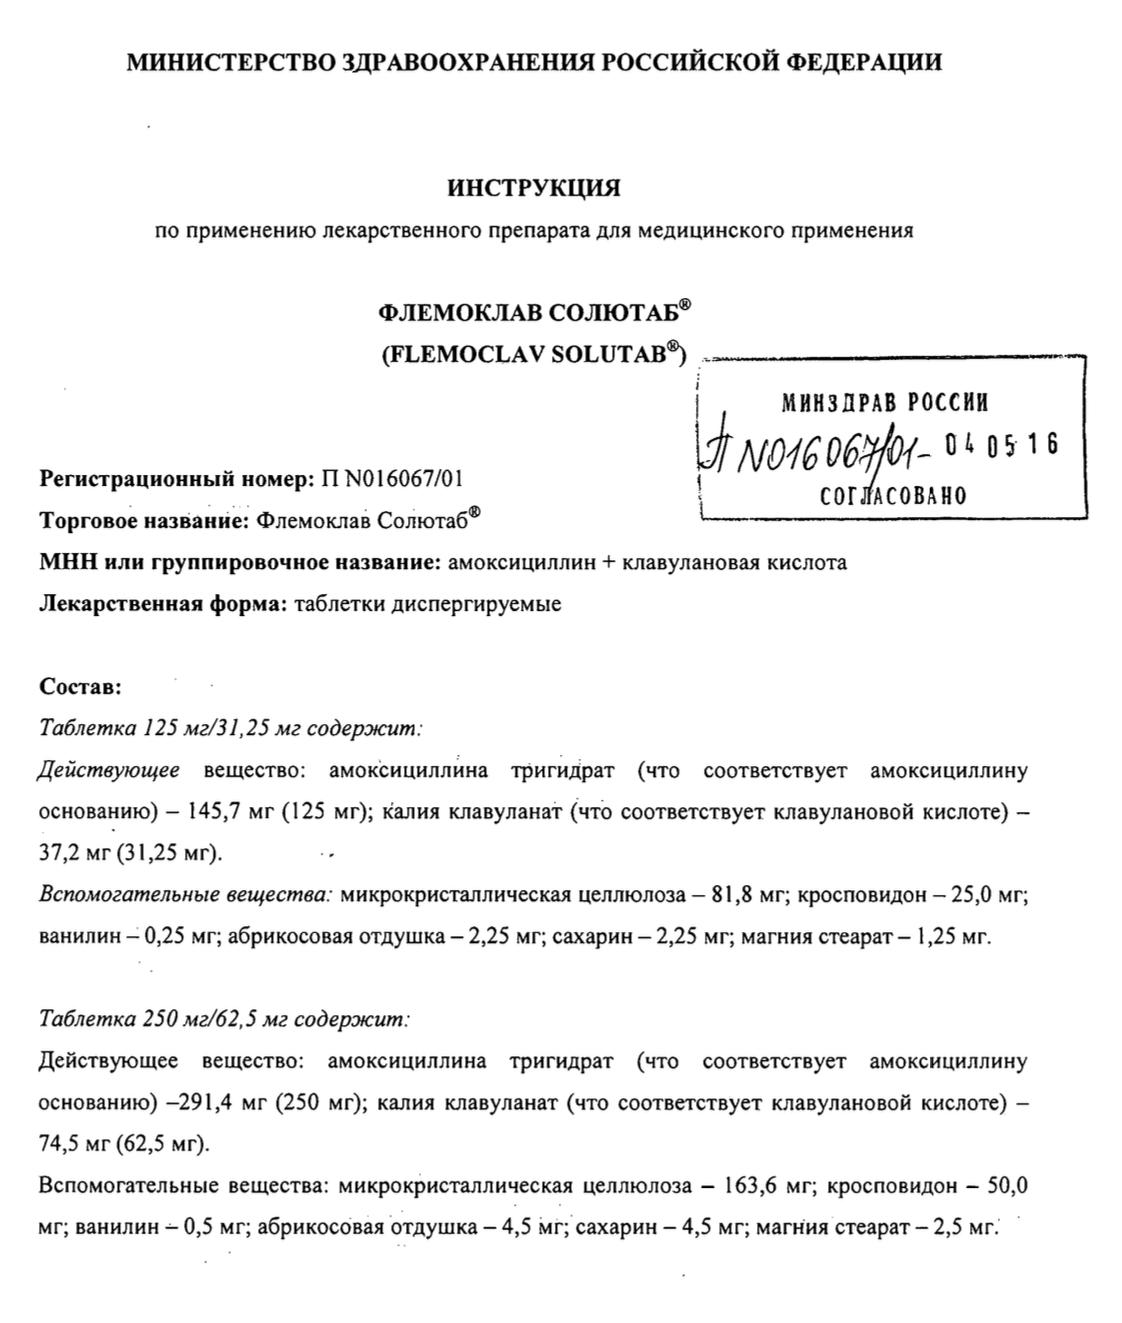 В инструкции к «Флемоклаву Солютабу» написано, что действующее вещество в составе таблеток — амоксициллина тригидрат и калия клавуланат. Источник: ГРЛС